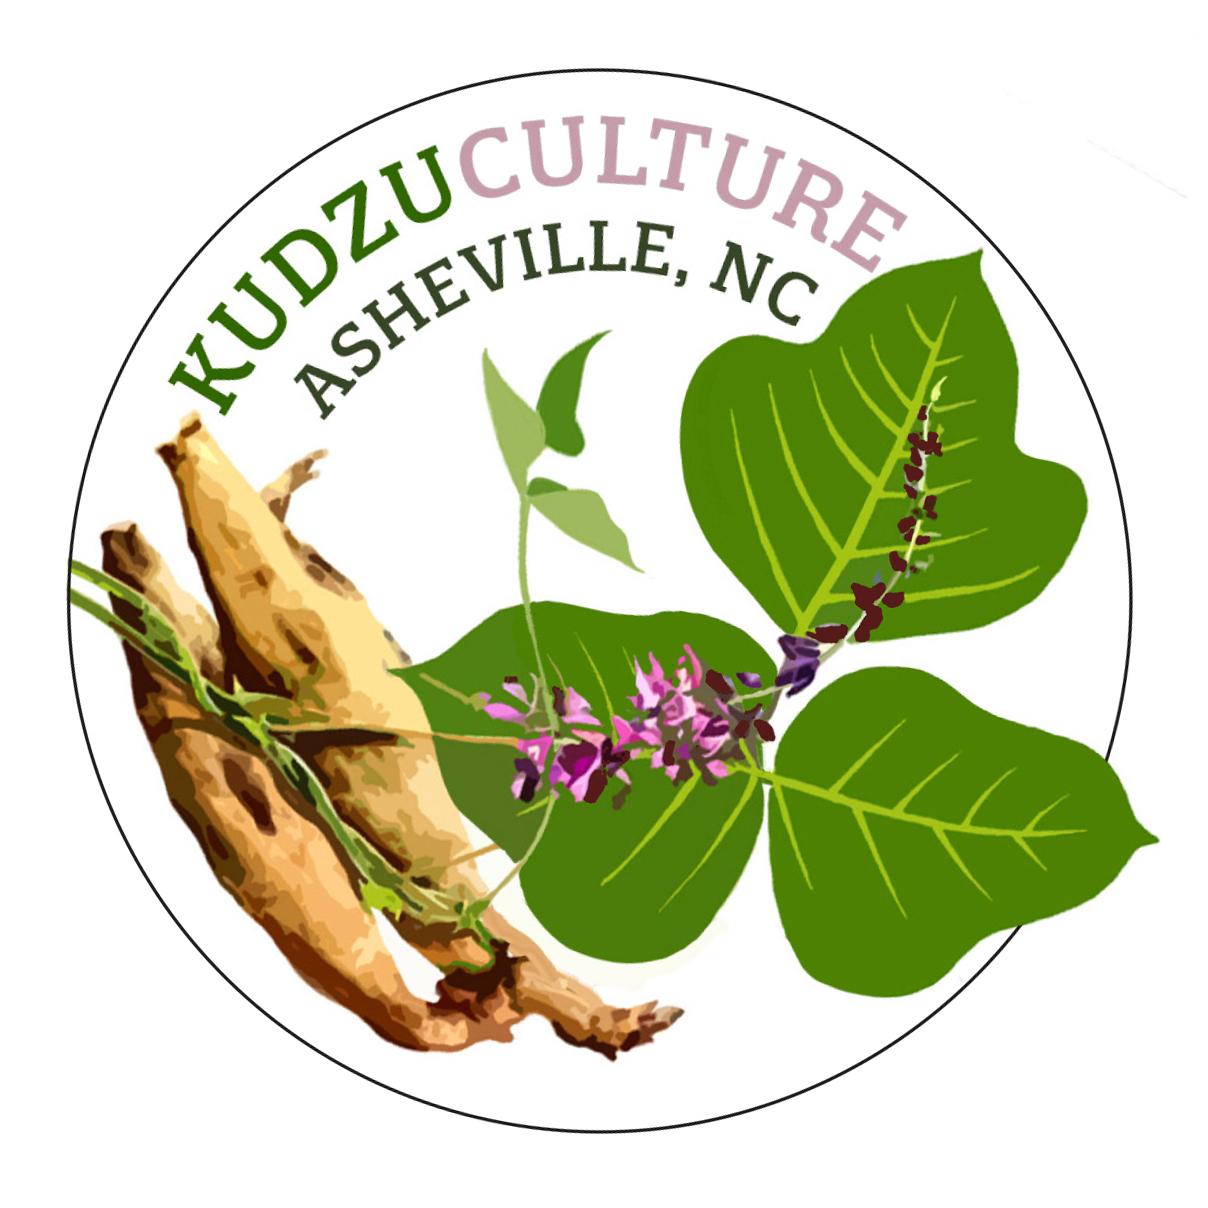 Kudzu Culture